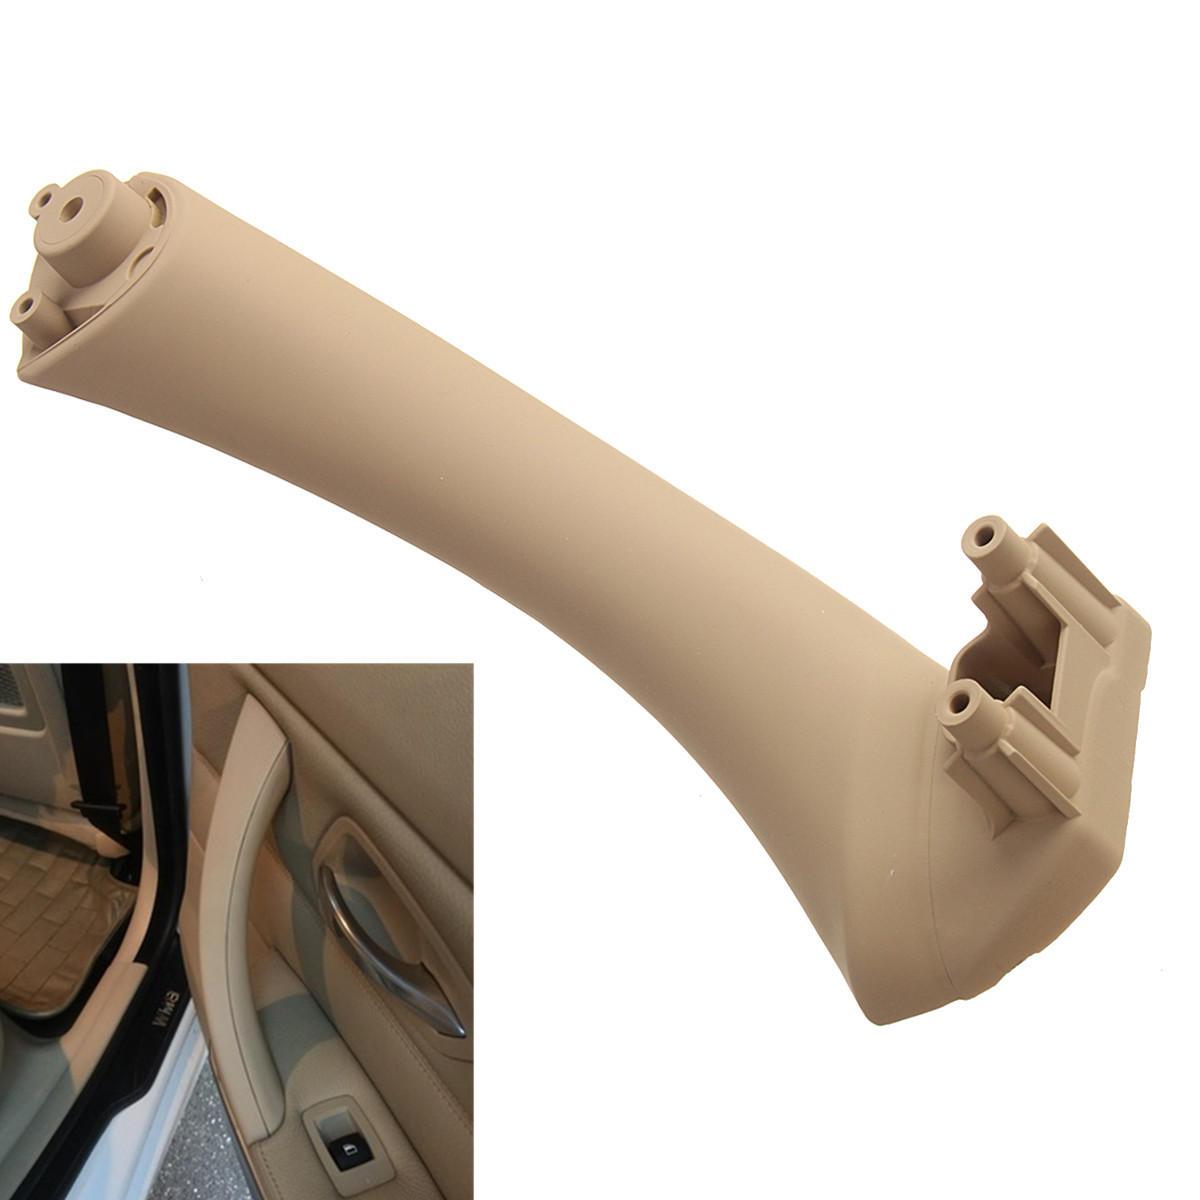 Manijas interiores de la puerta beige Ajuste de la cubierta delantera trasera derecha para BMW E90 3 Series Sedan Wagon